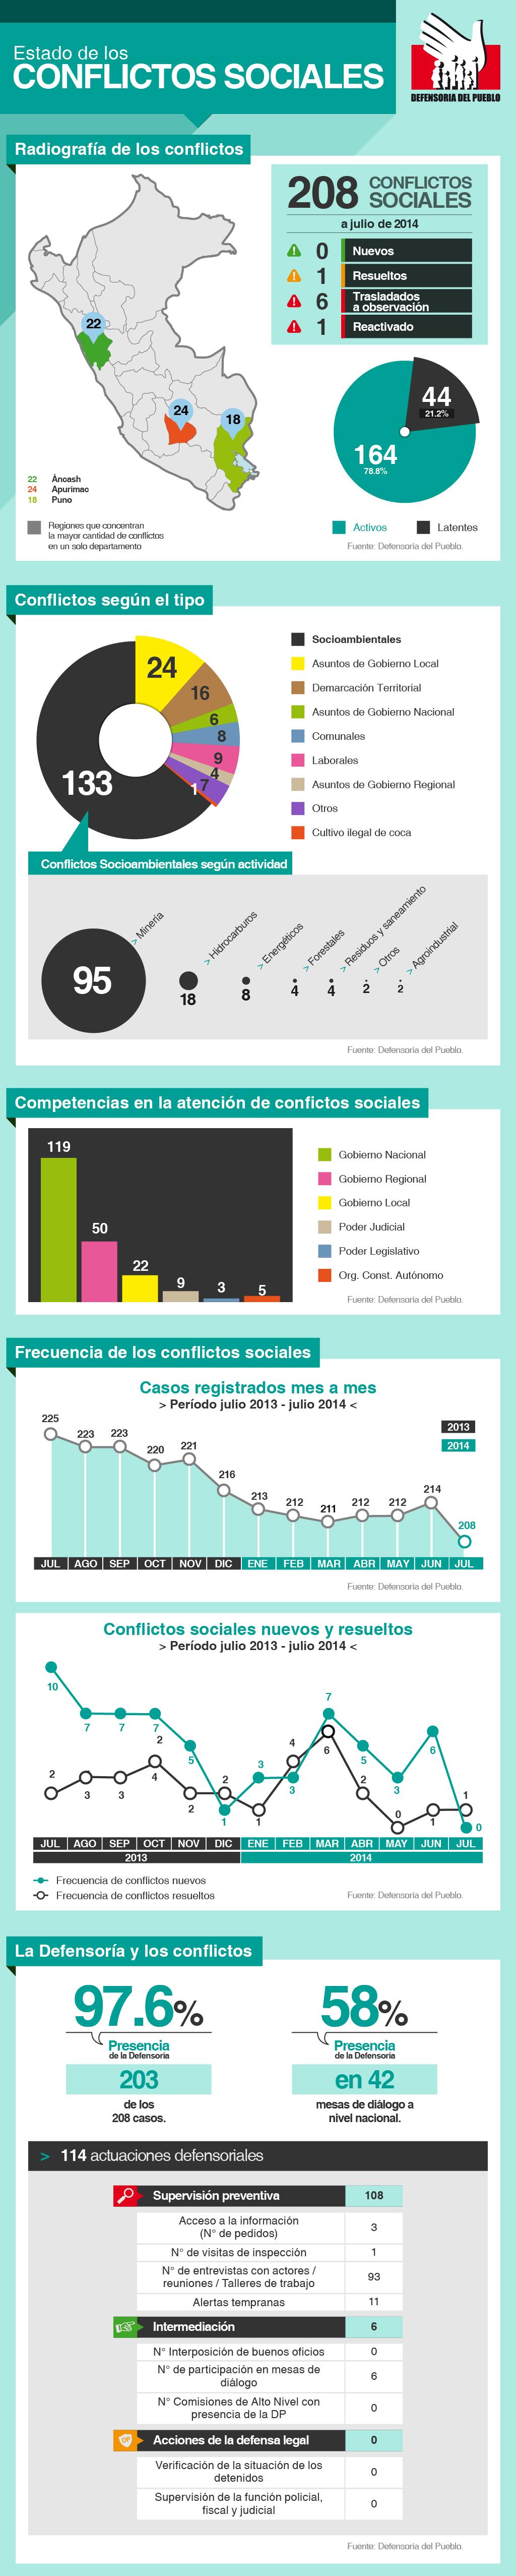 infografia-reporte-125